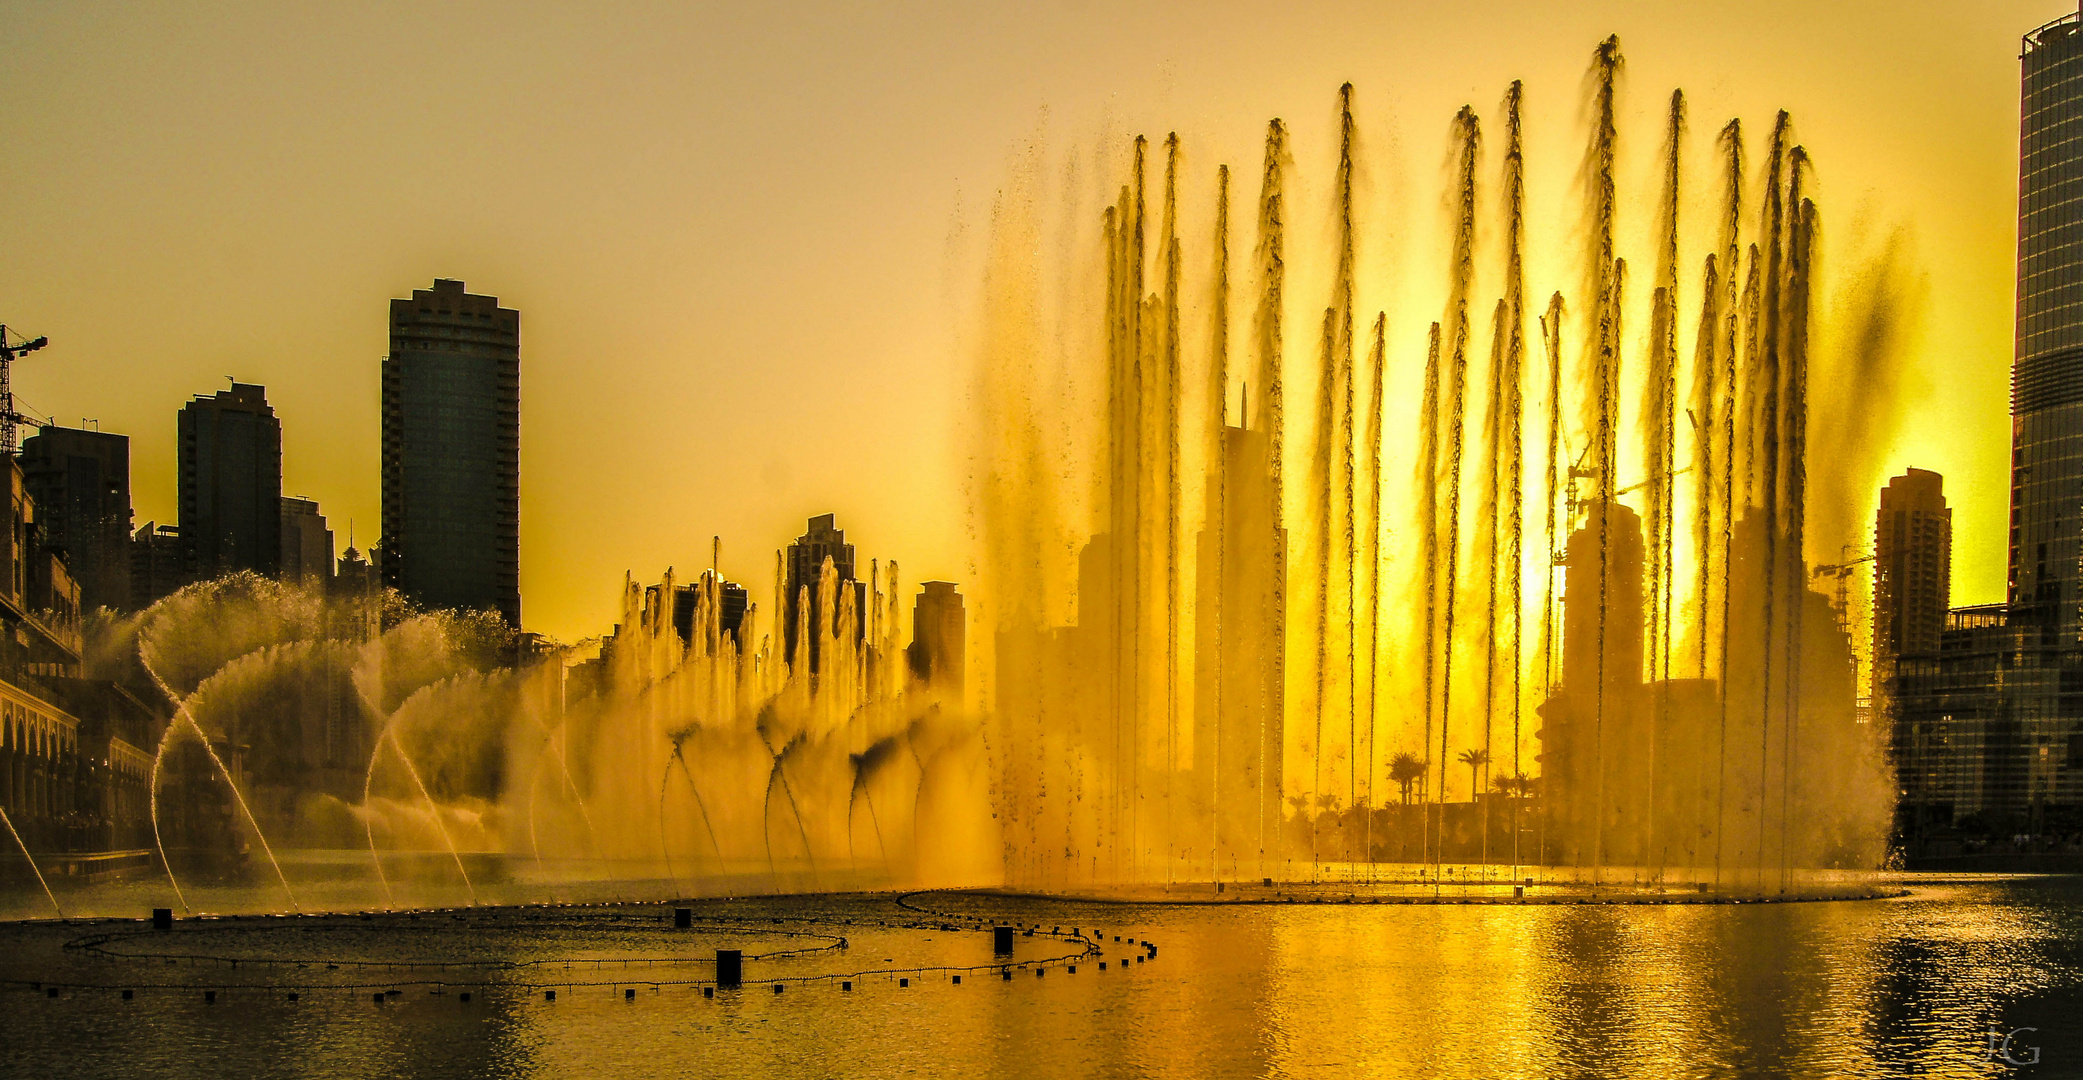 Dubai Fontains im Sonnenuntergang